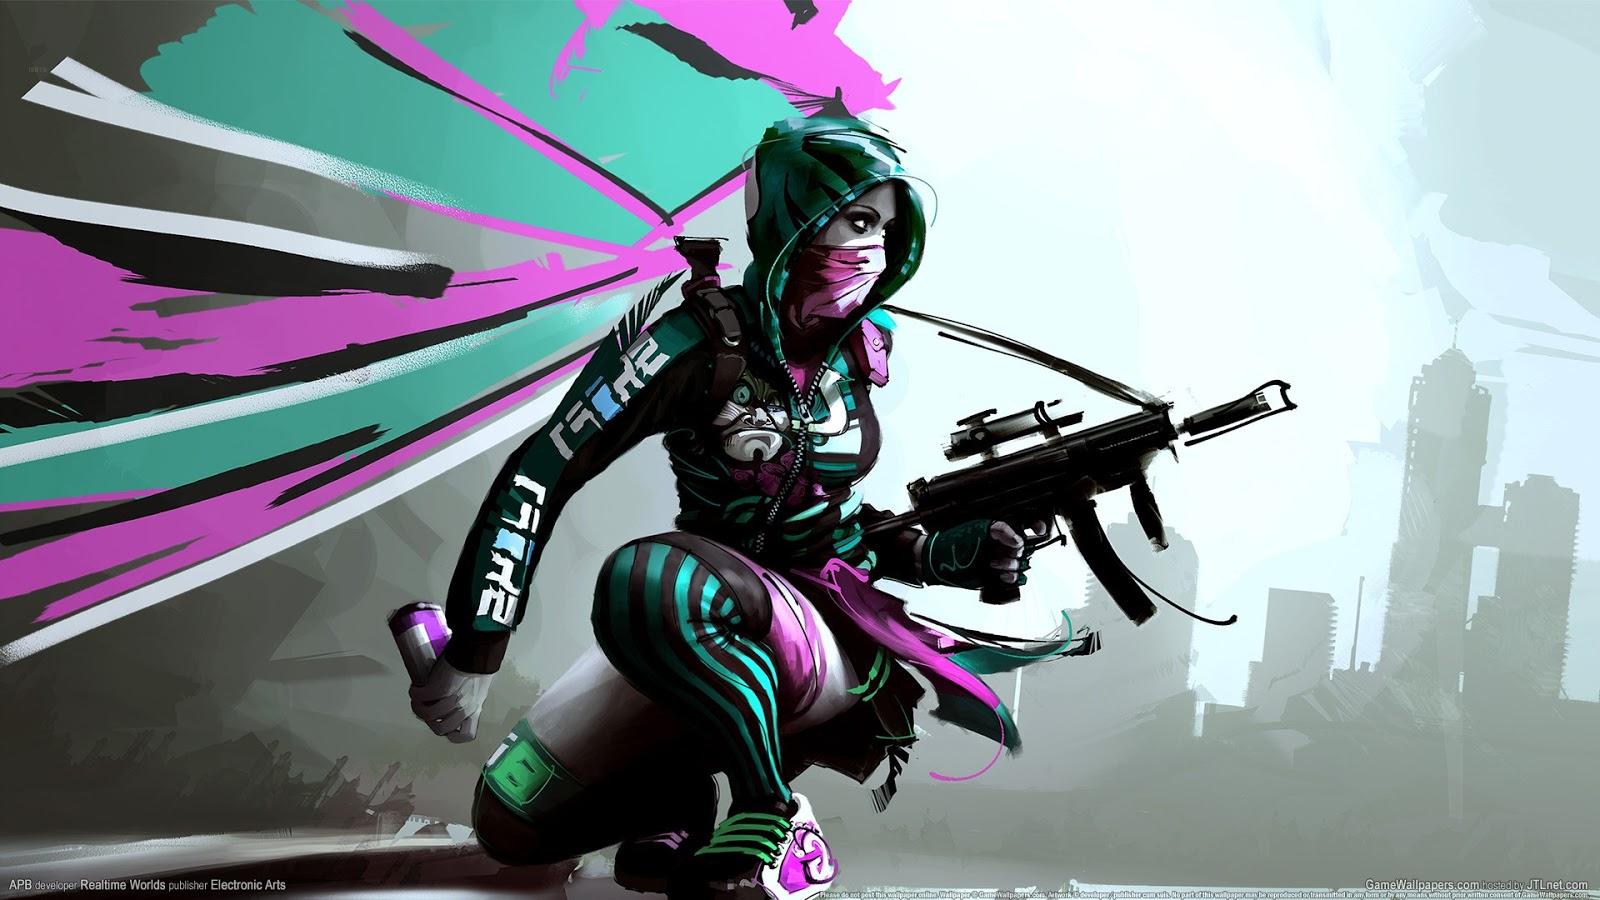 http://3.bp.blogspot.com/-cdfTzYxTVz8/TjmIbM811zI/AAAAAAAAIW4/7Y_OXZpAc-g/s1600/girl_gun_game_hd_wallpaper.jpg